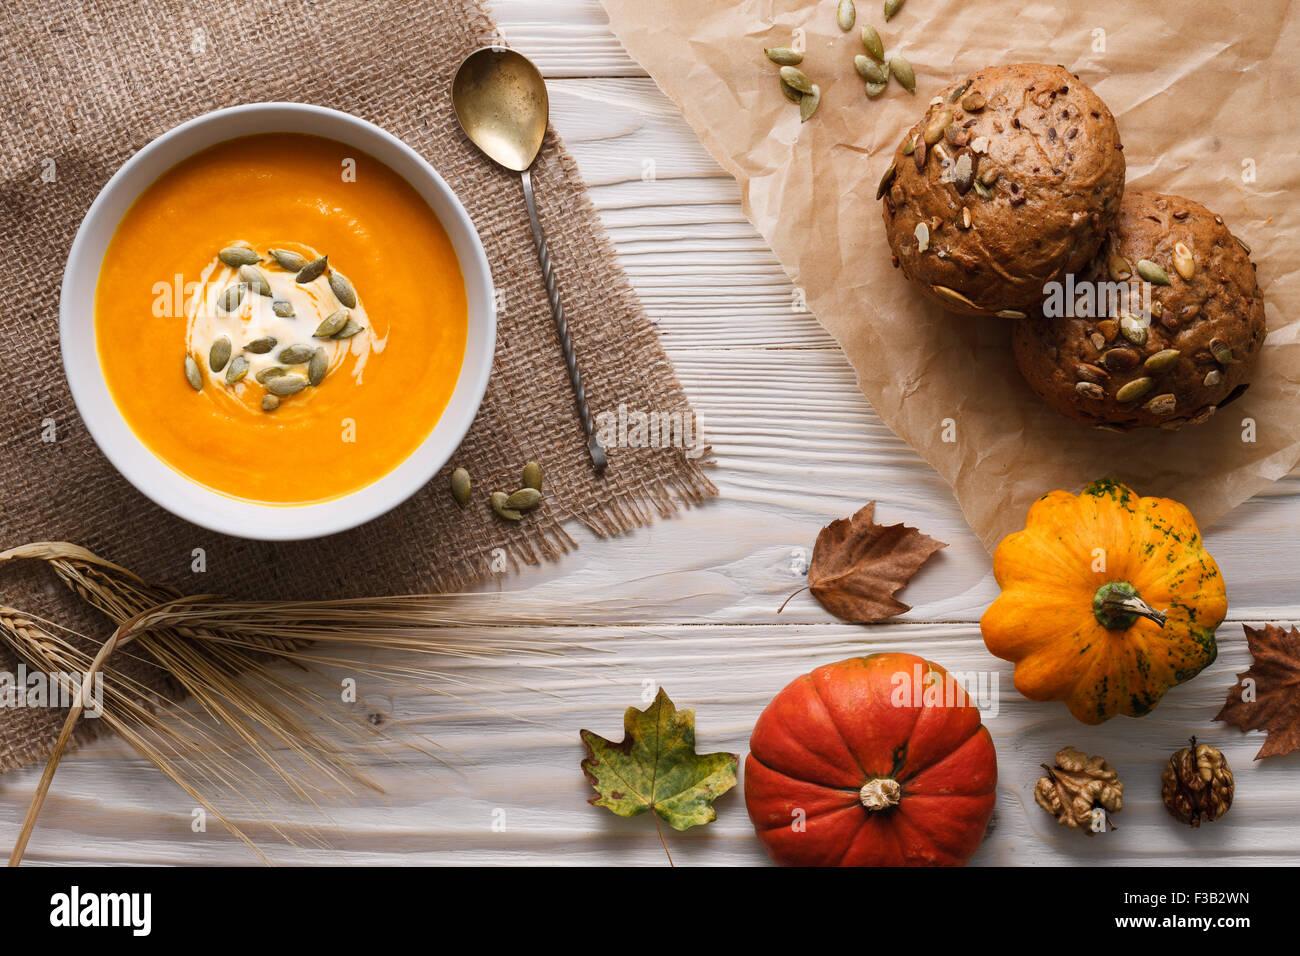 Tradizionale zuppa di zucca con semi e freschi appena cotti divieti di segale su un bianco sullo sfondo di legno. Foto Stock